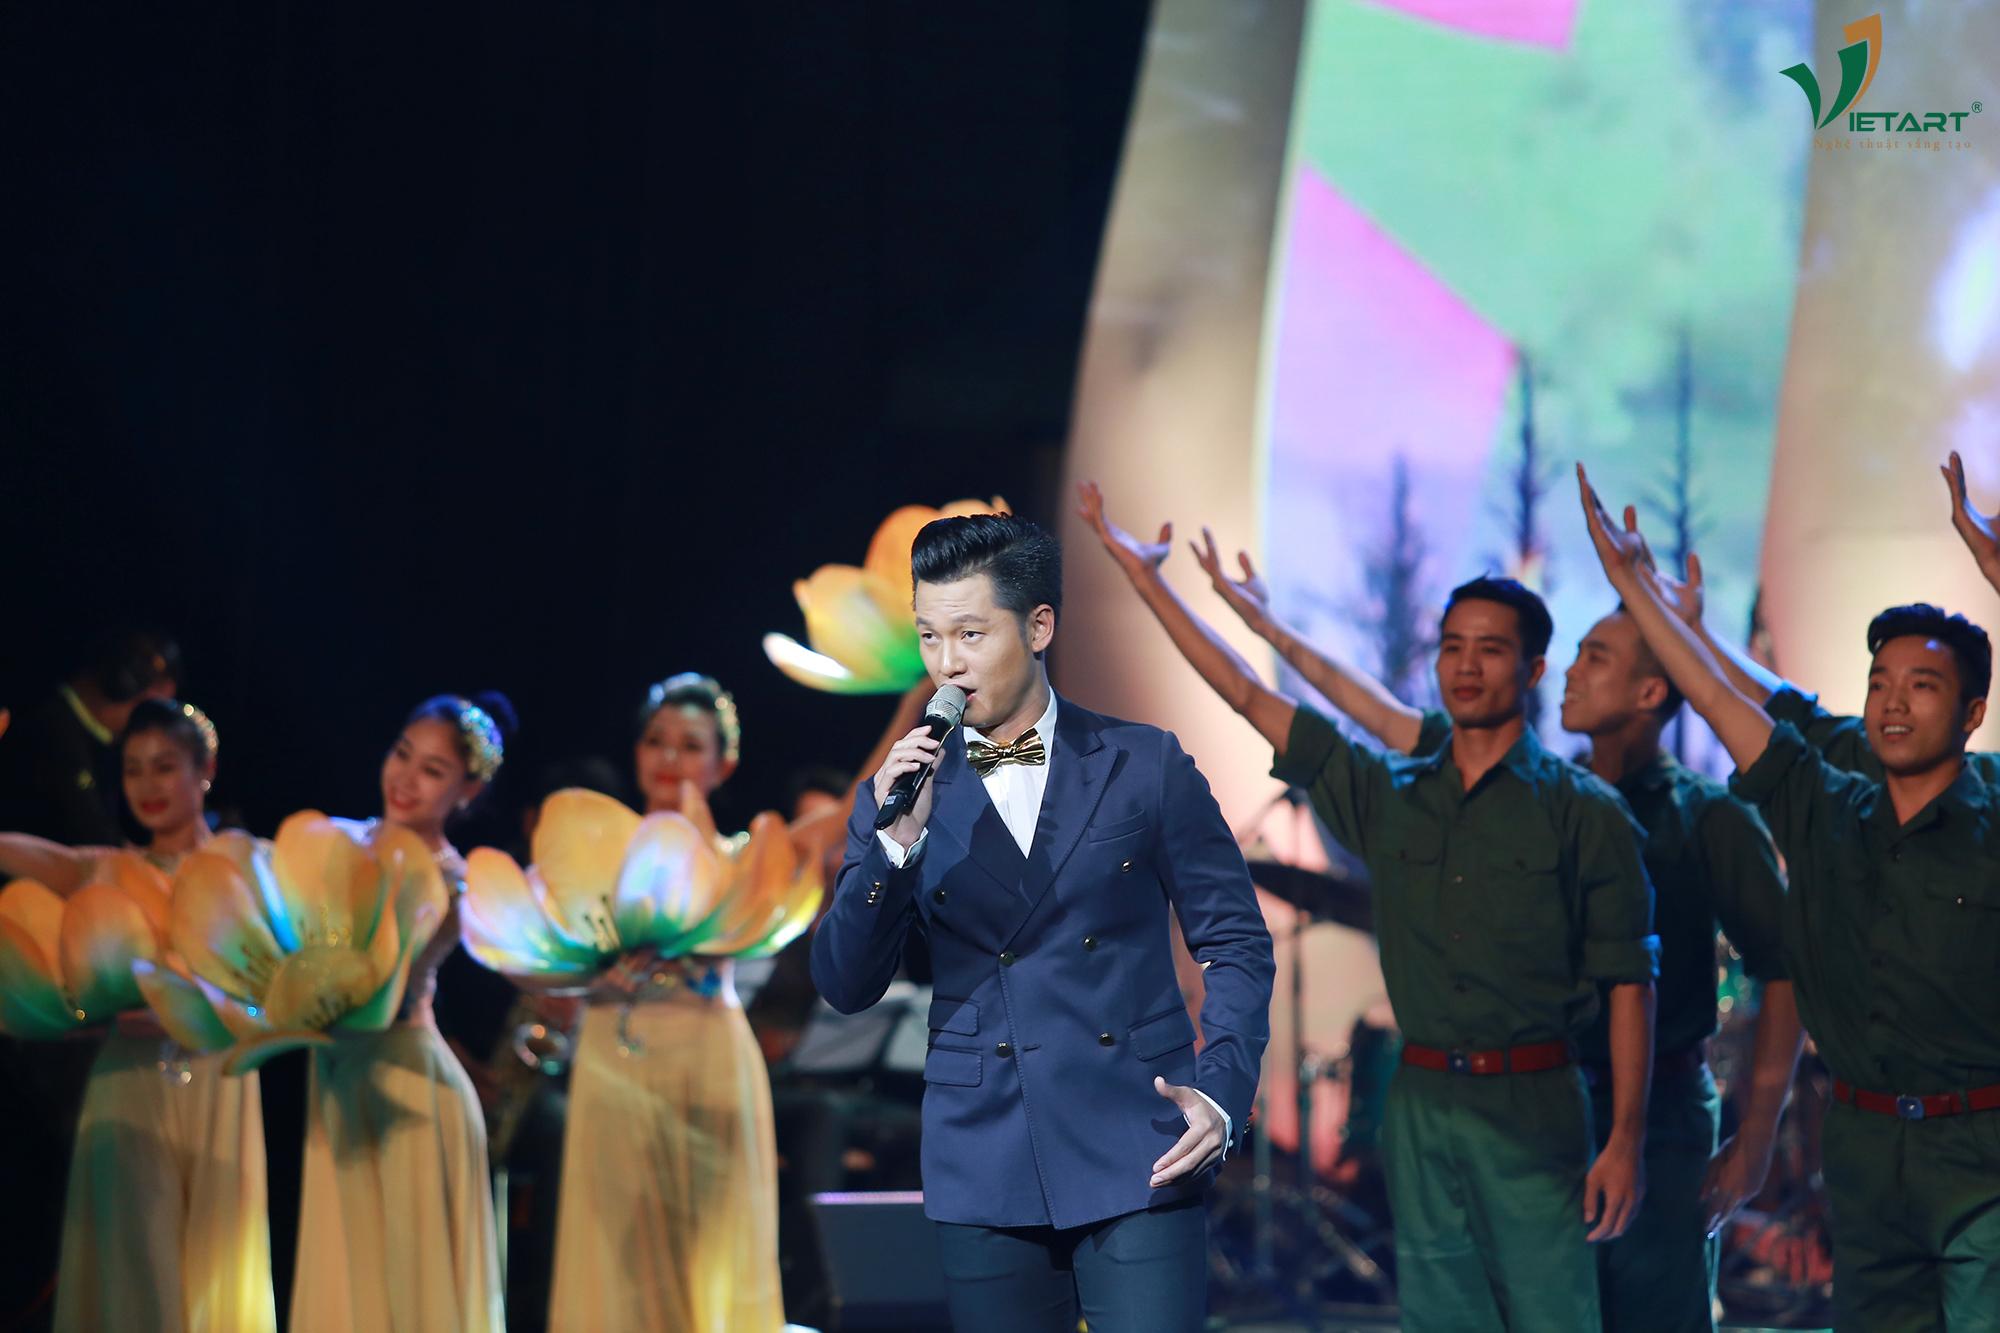 """Ca sĩ Đức Tuấn mở đầu chương trình với hai ca khúc """"Trên đỉnh Trường Sơn ta hát"""" và """"Sẽ về thủ đô"""" của nhạc sĩ Huy Du."""